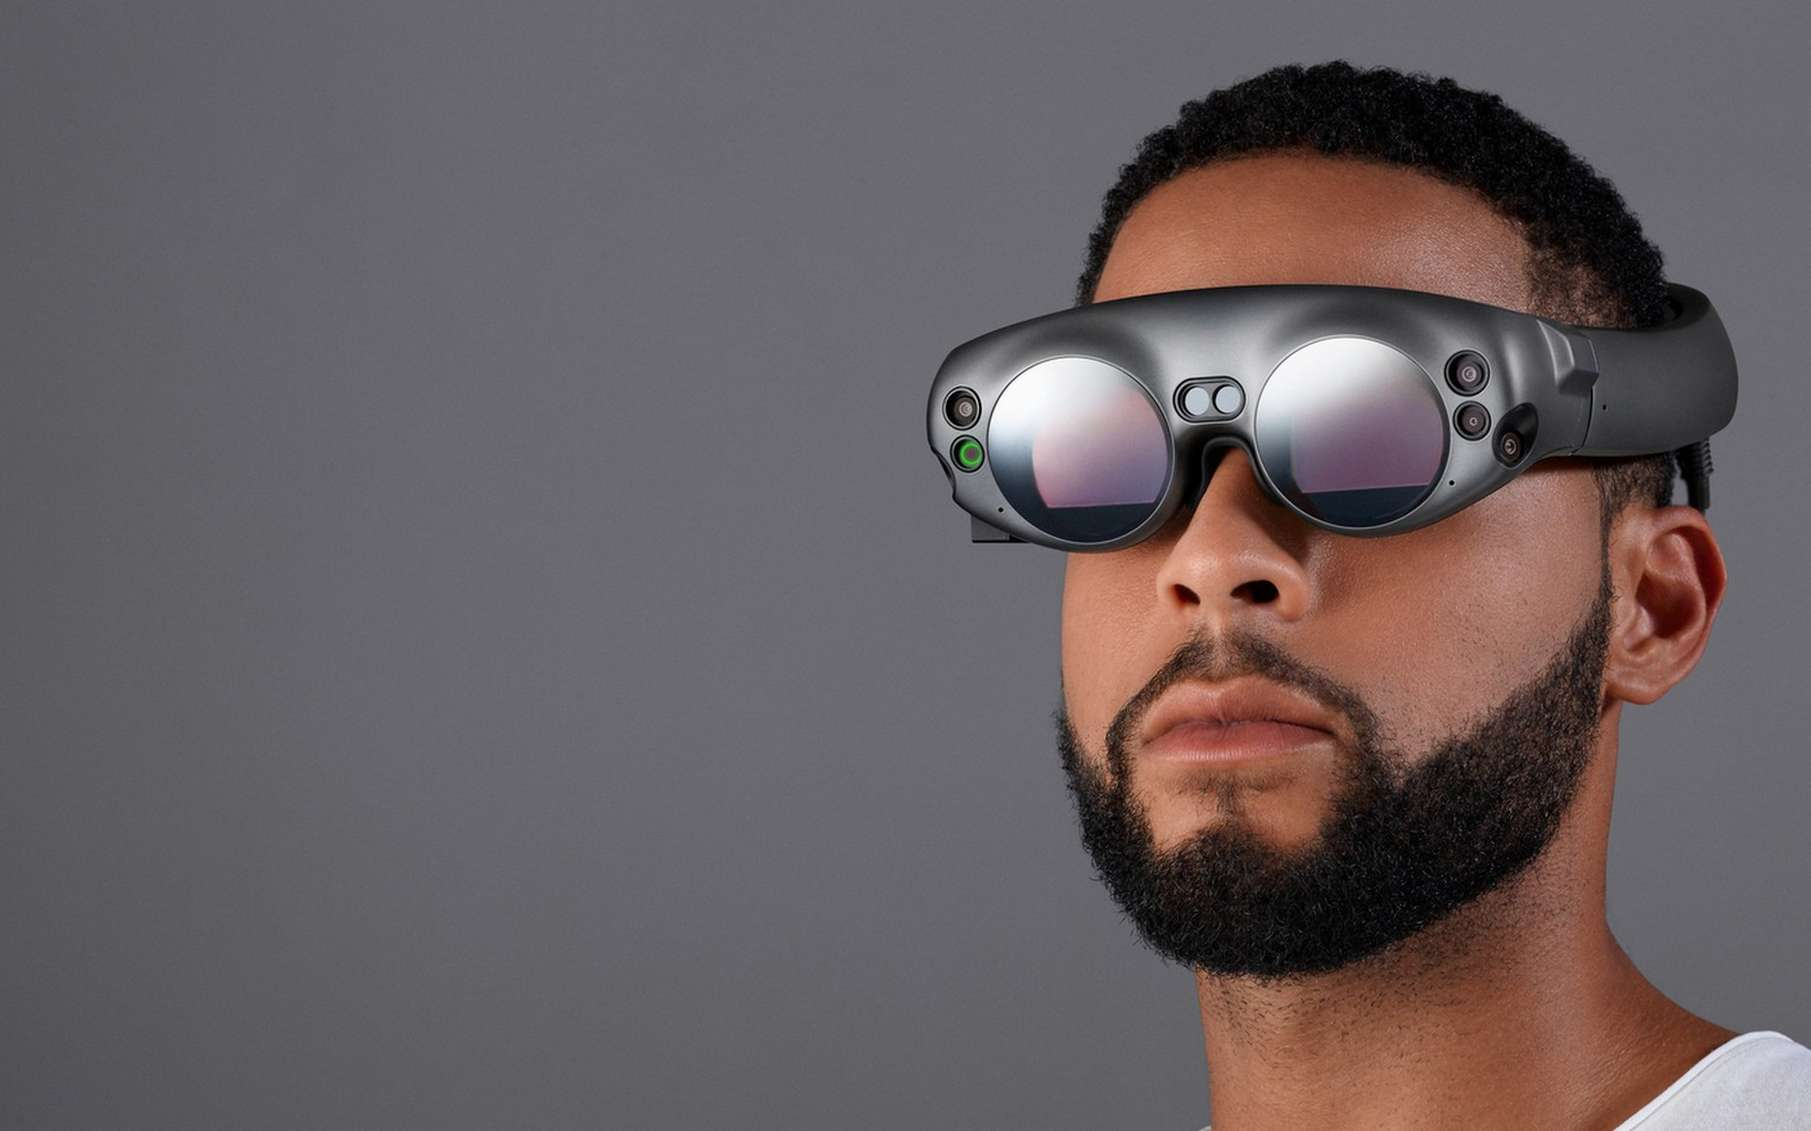 Les lunettes de réalité augmentée Magic Leap One présentent un design qui n'est pas sans rappeler un style vu dans certains films de science-fiction. © Magic Leap